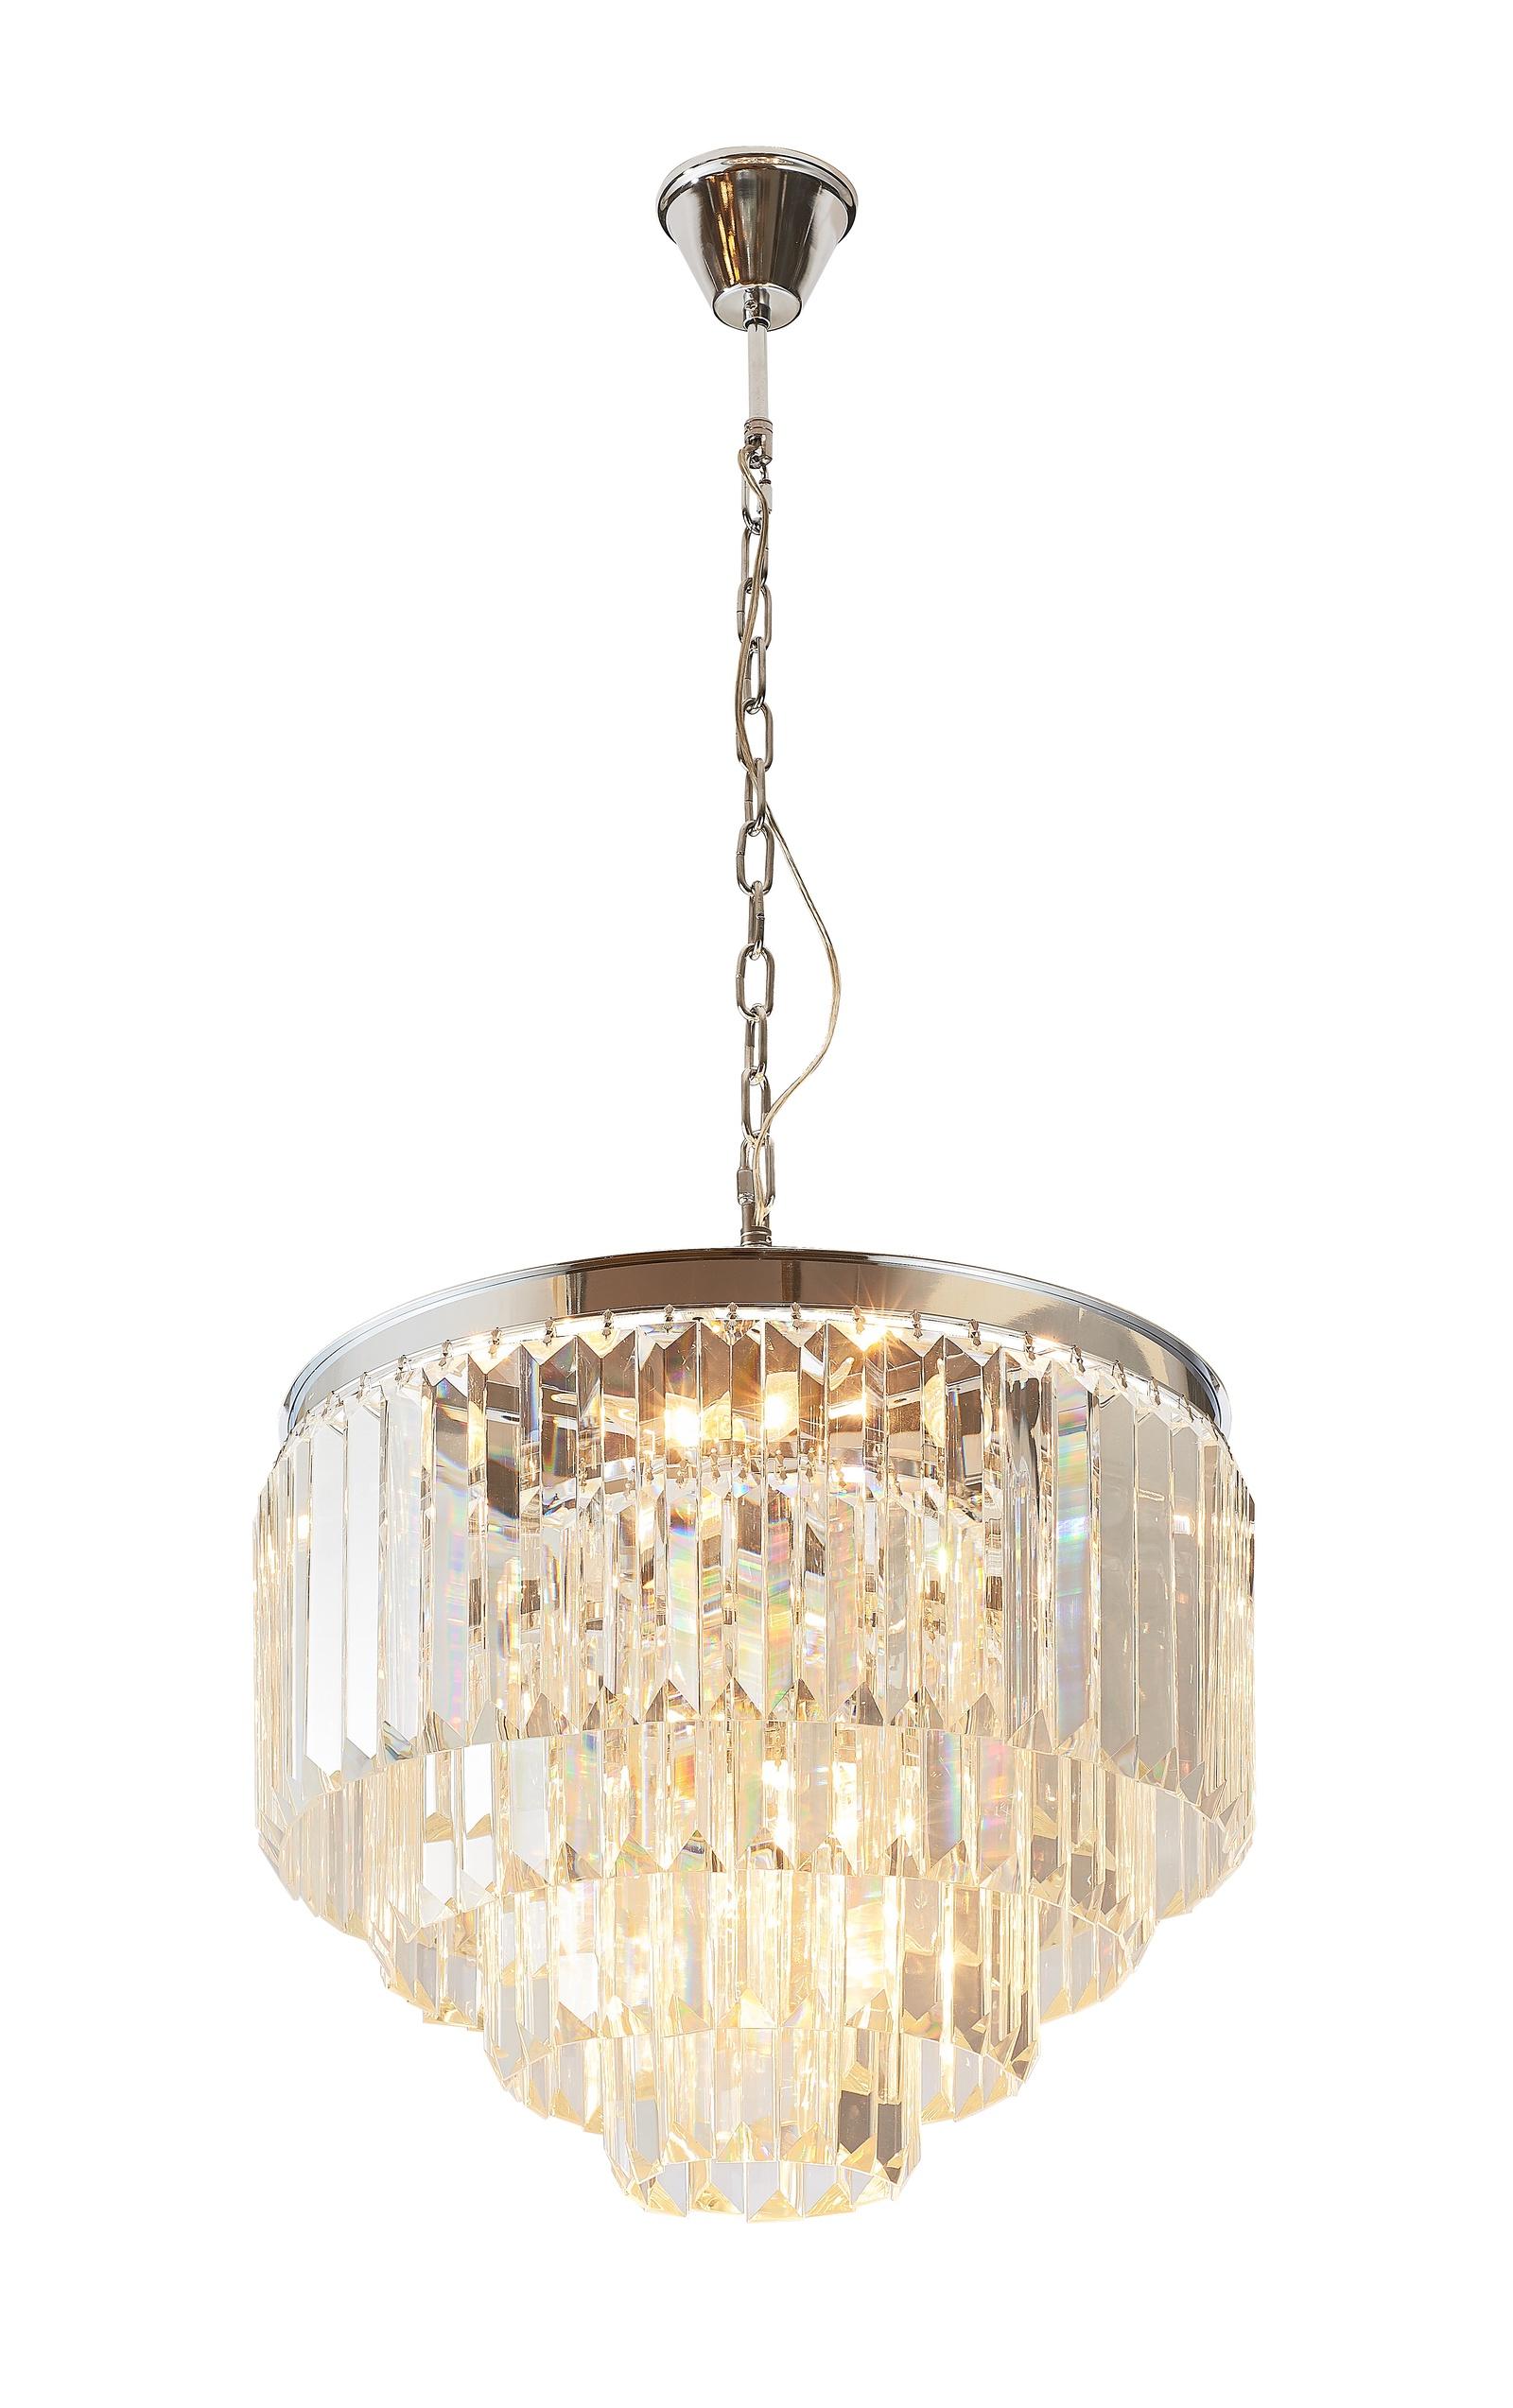 Подвесной светильник Divinare 3001/02 LM-9, серый металлик alta 3001